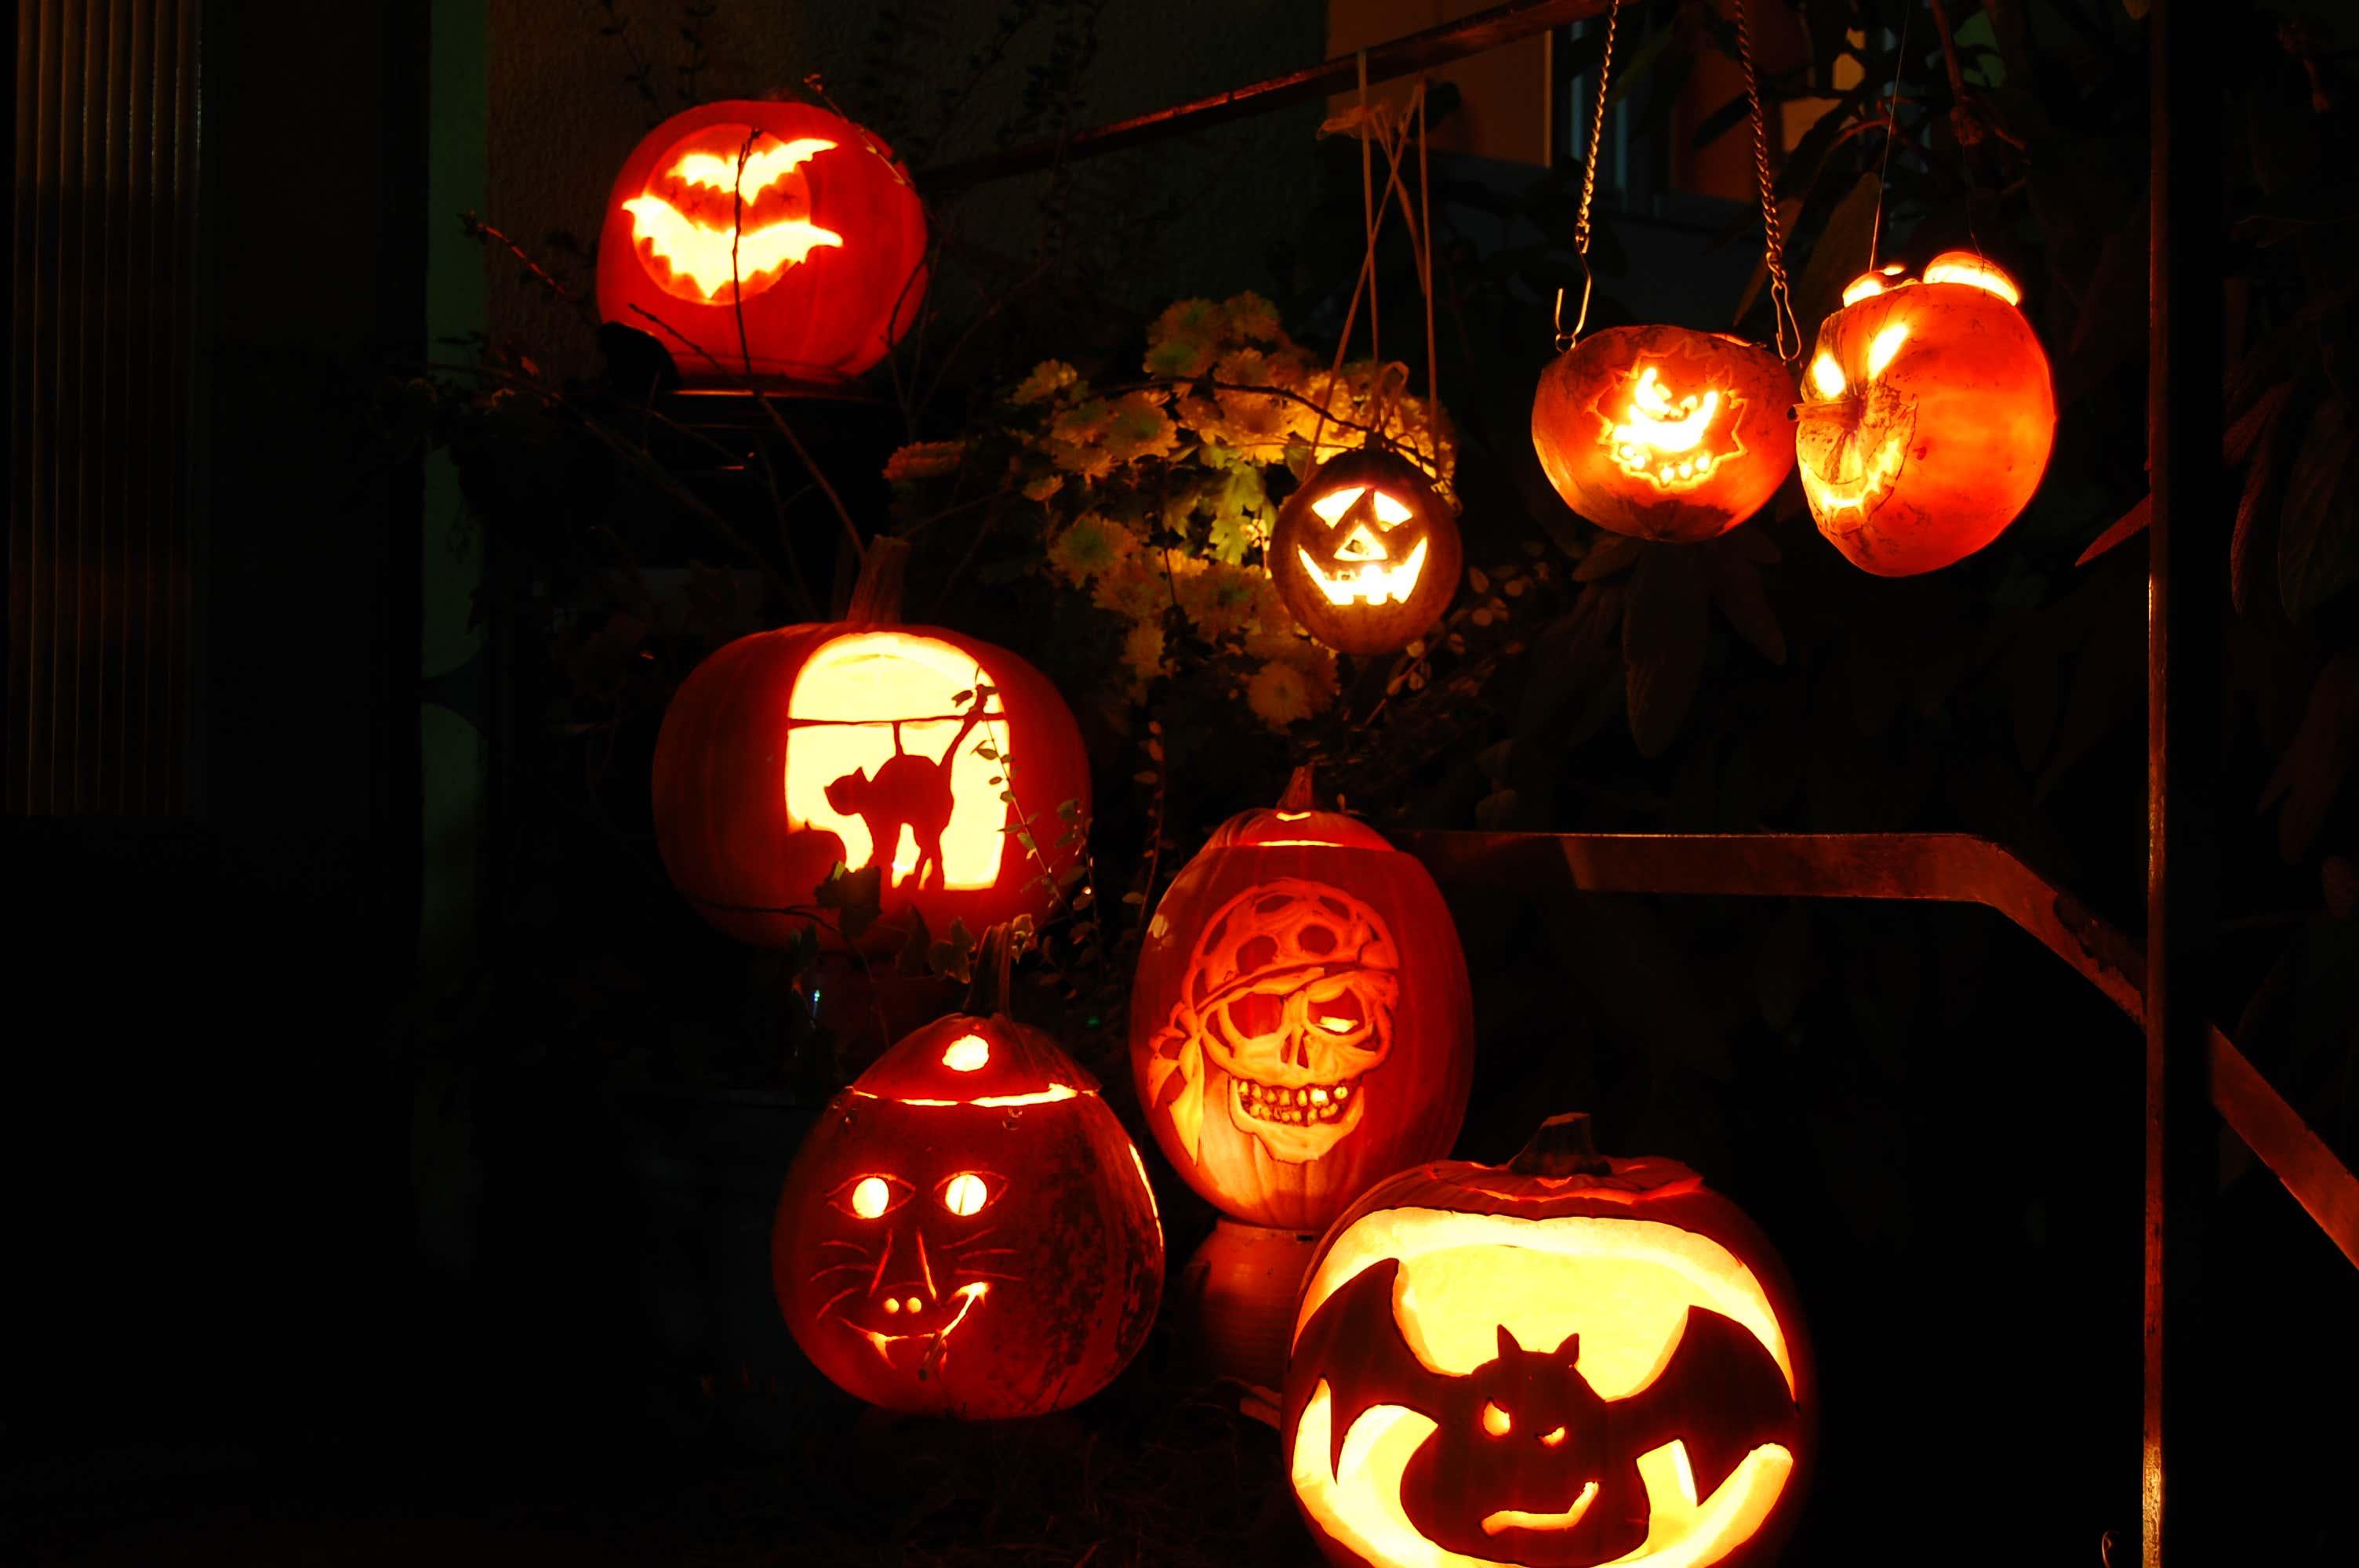 Gruselige Herbstdeko Schaurige Inspirationen Zu Halloween